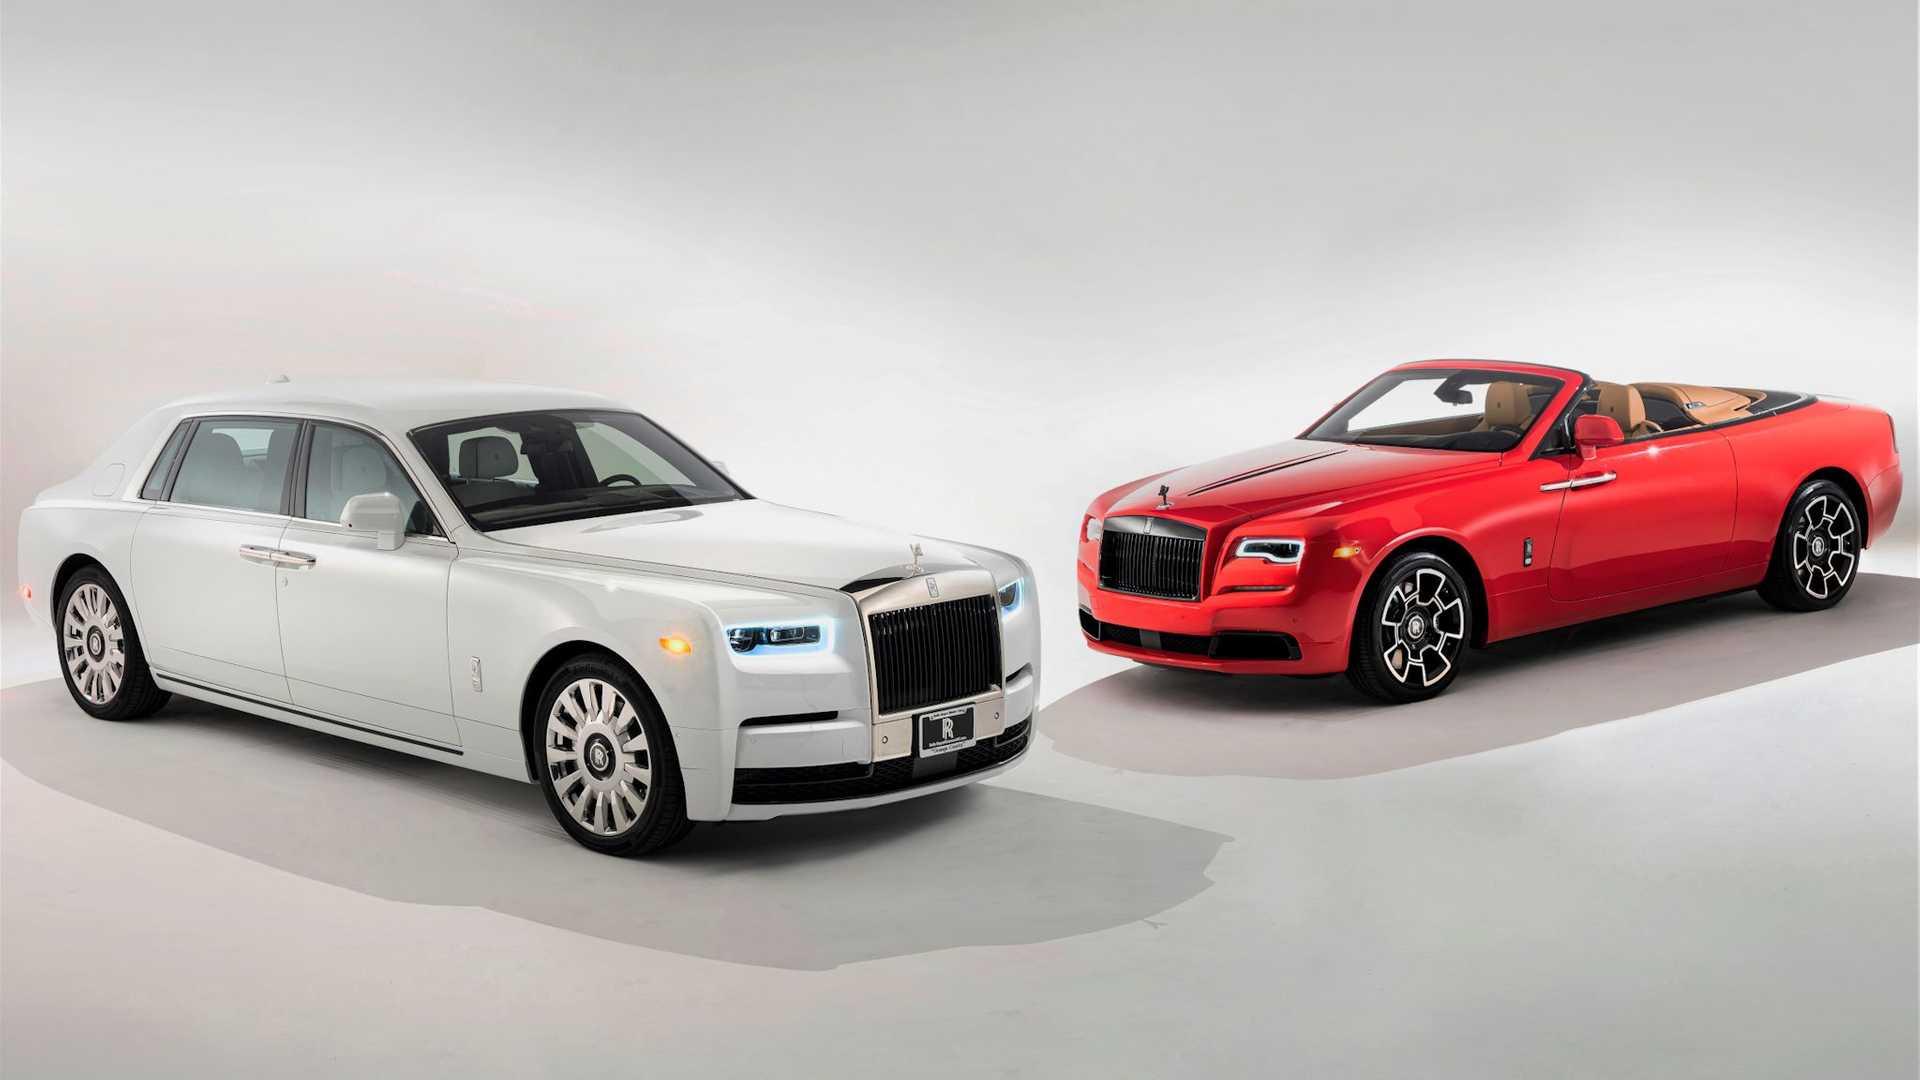 Bộ-đôi-Rolls-Royce-cá-nhân-hóa-kỷ-niệm-dịp-đặc-biệt-của-chủ-nhân (1).jpg